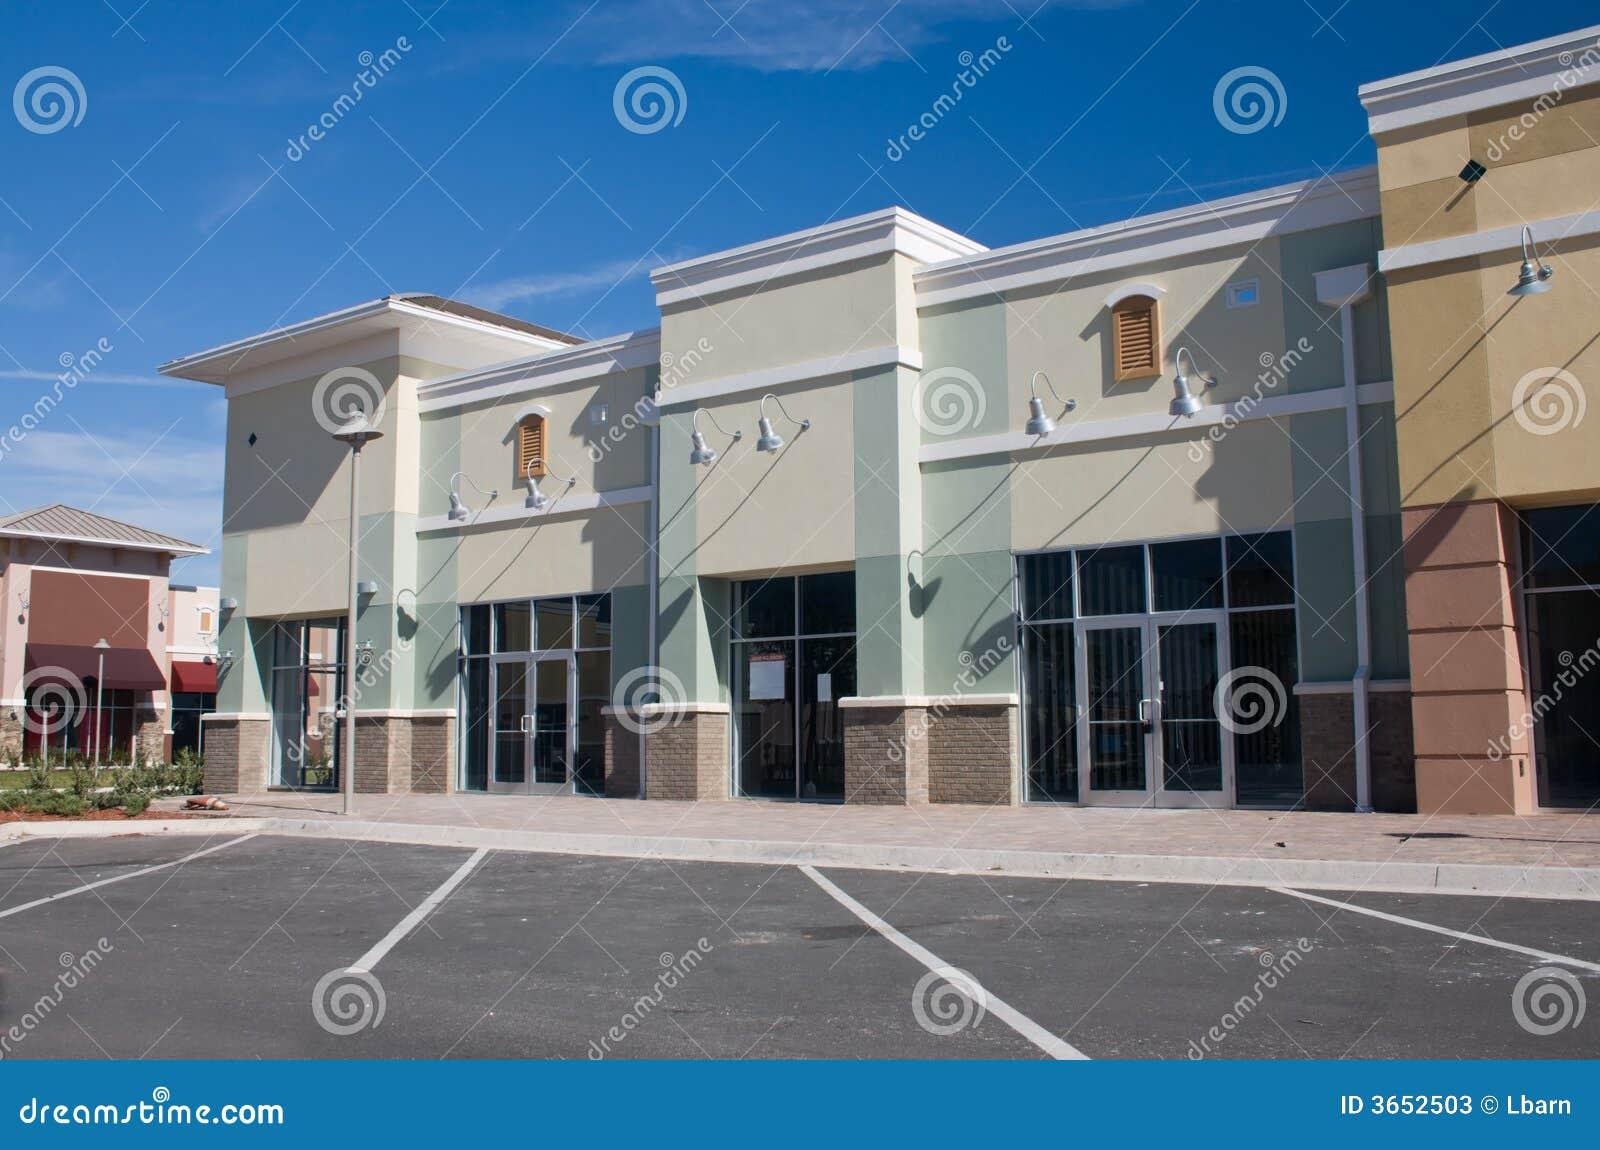 2商务购物中心柔和的淡色彩